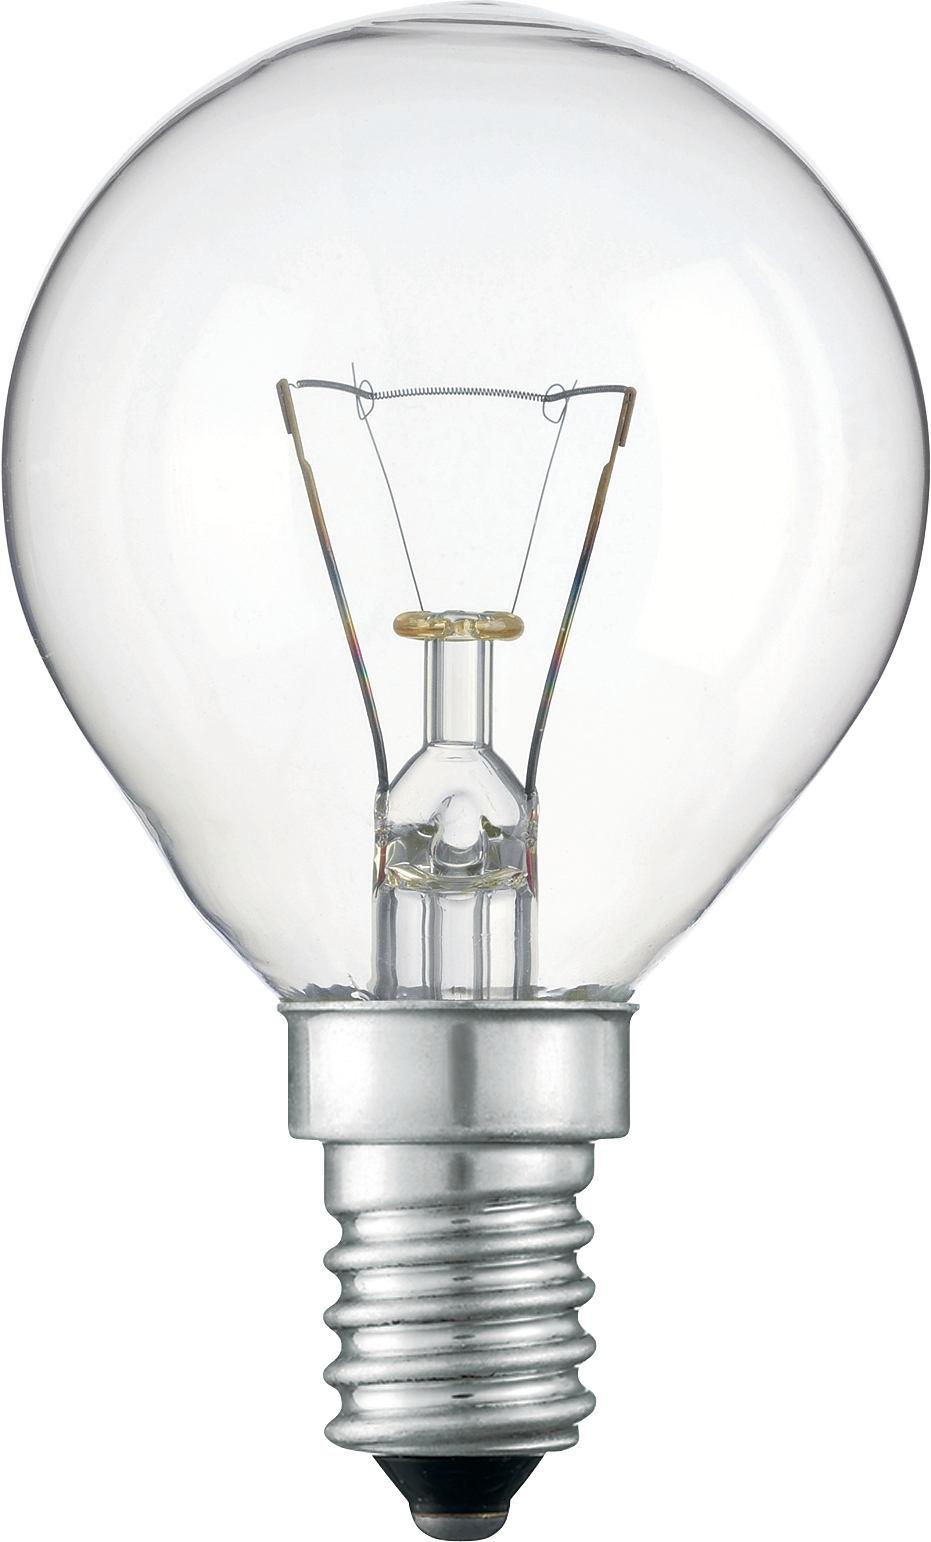 'Лампа капля прозрачная 40 W Е14